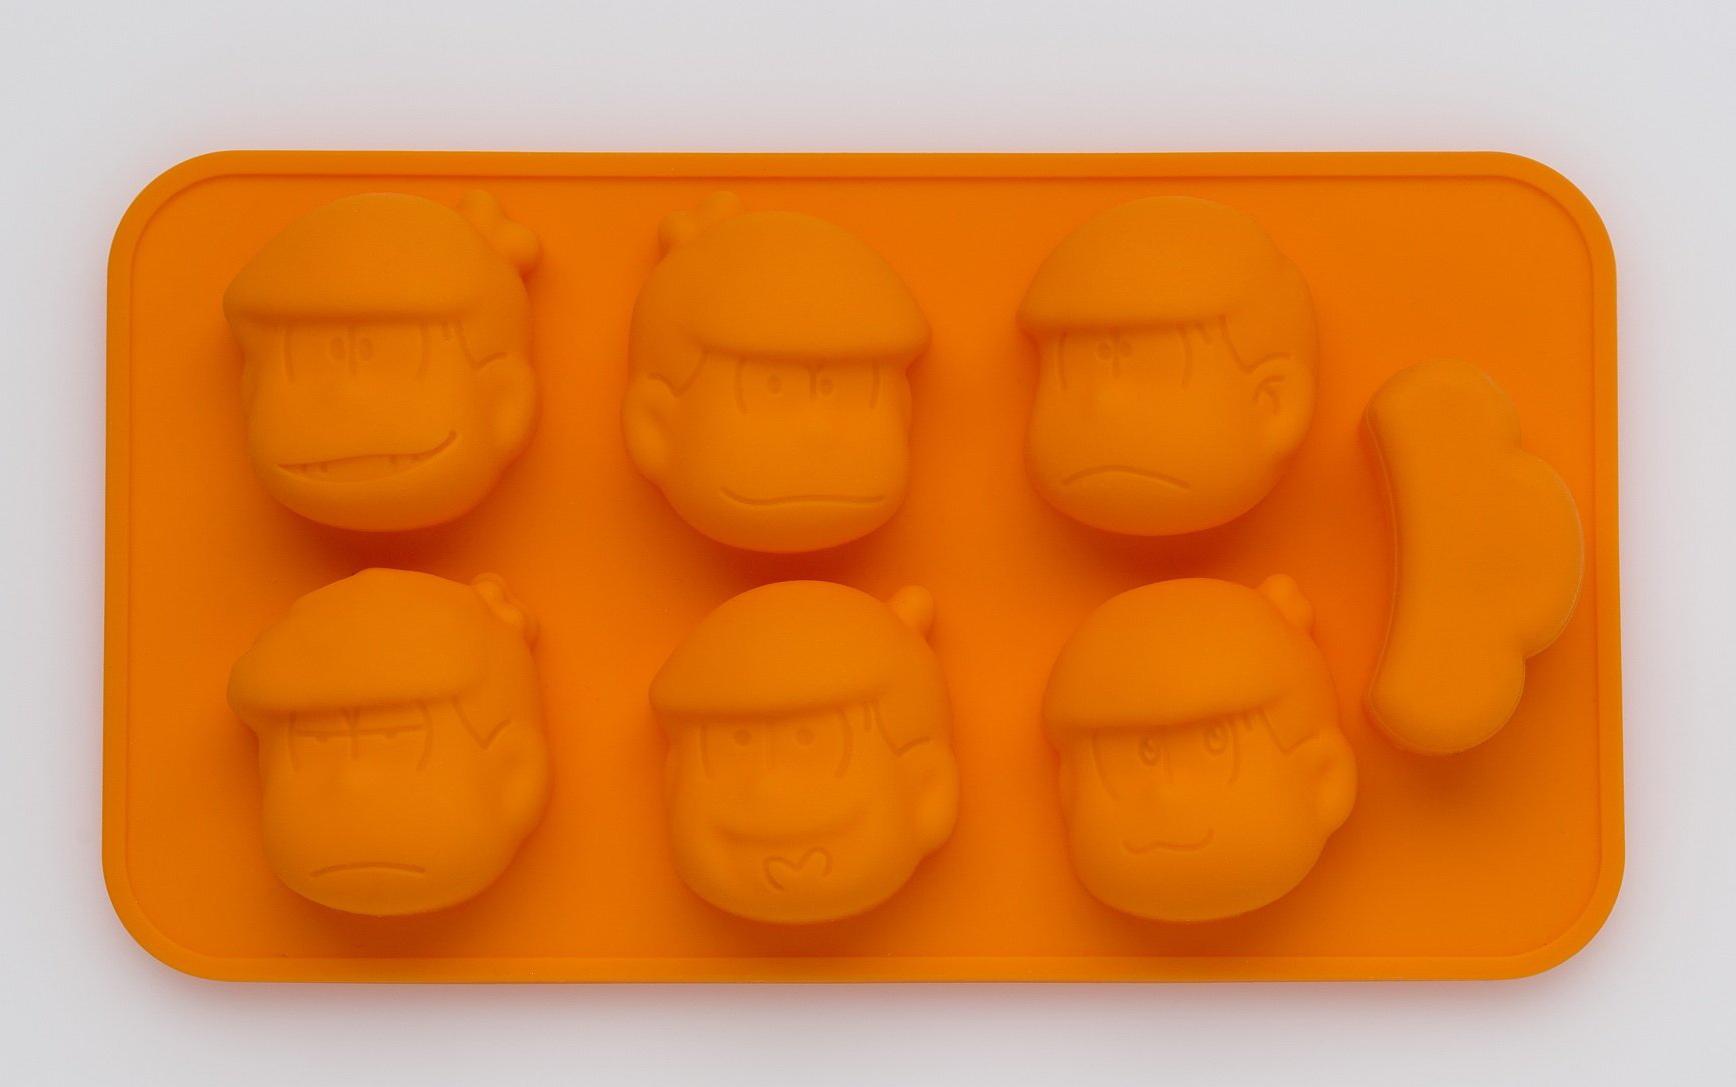 松野家レシピ付き おそ松さん 6つ子シリコントレーBOOK【付録】おそ松さん 6つ子 シリコントレー